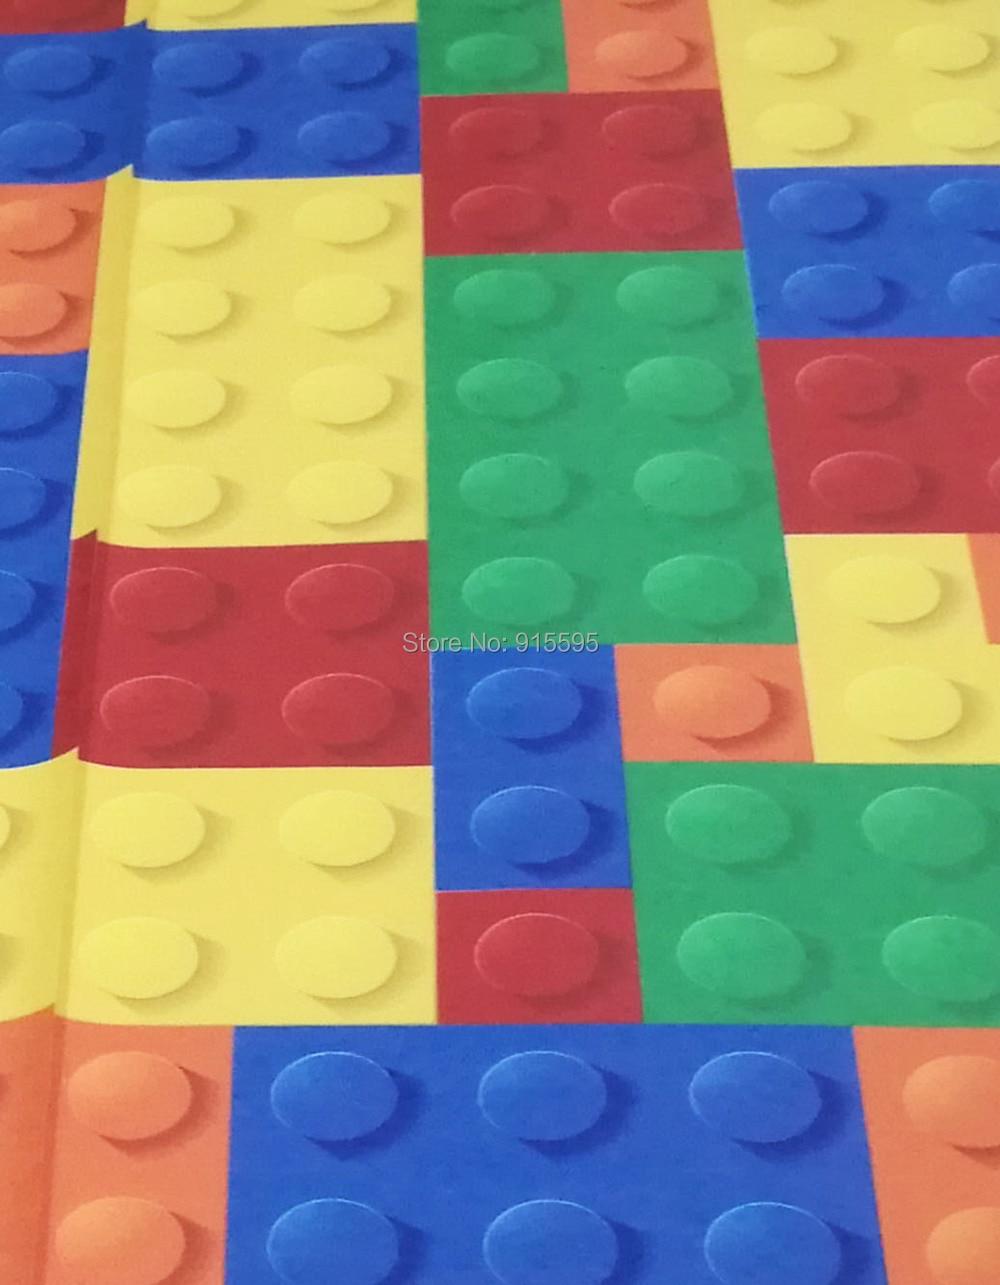 Rozmiar niestandardowy 3d malowidła ścienne tapety do salonu sypialnia dla dzieci sklep z zabawkami lego bricks włókniny mural tapety wystrój 7